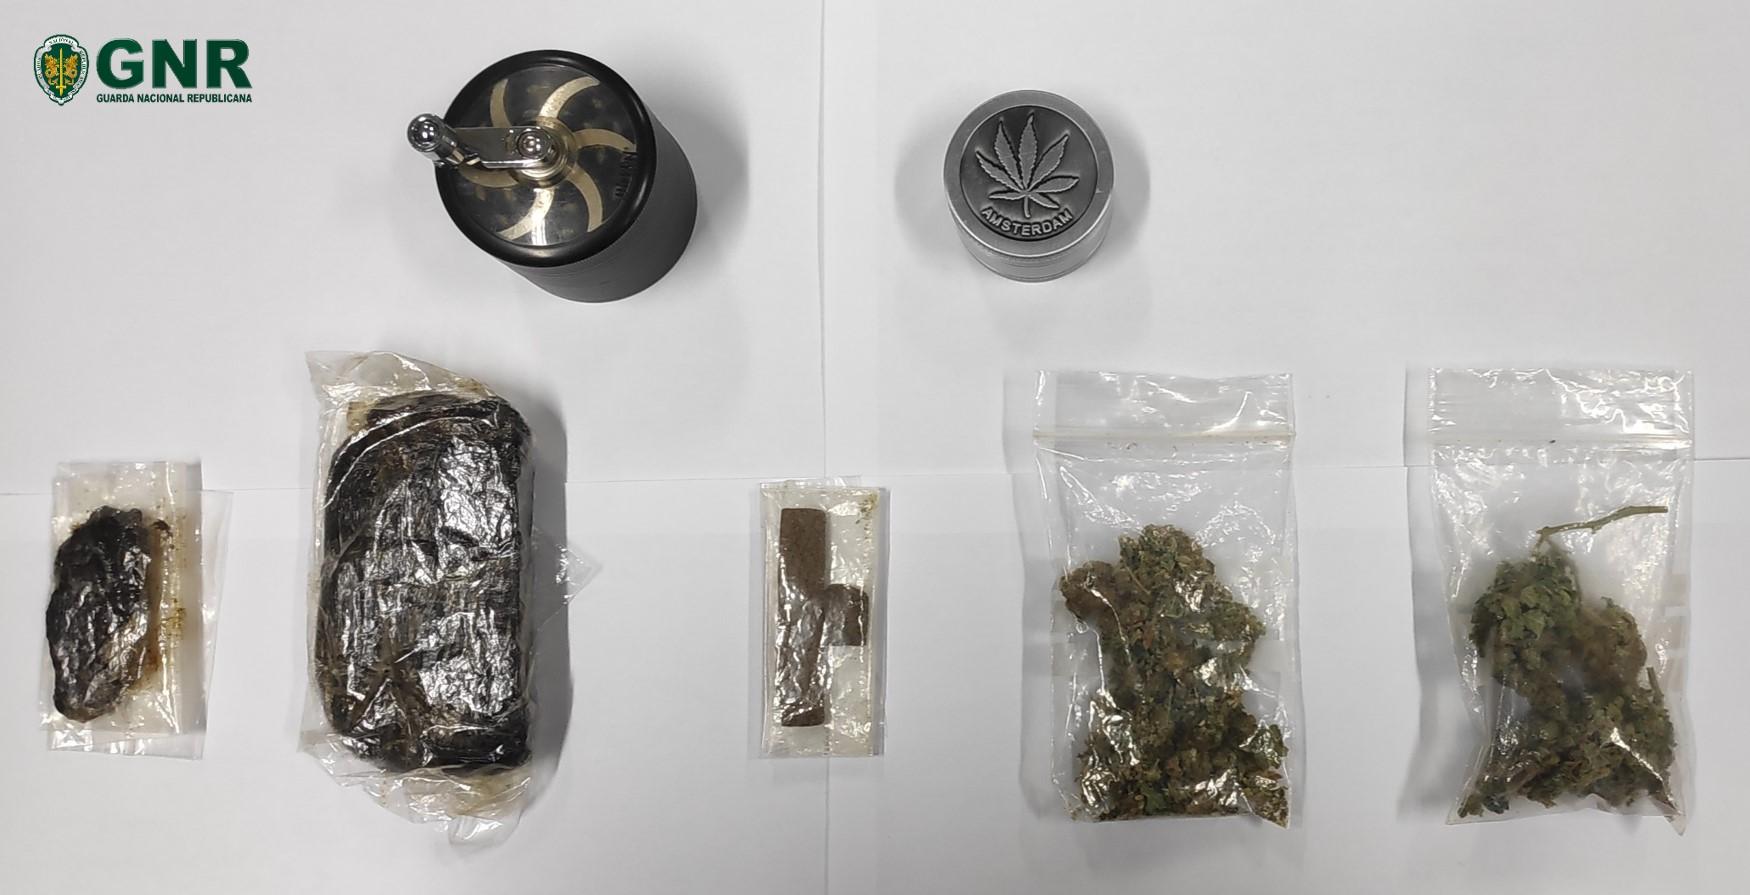 GNR detém jovem em Barroselas por tráfico de droga e apreende 232 doses de haxixe e liamba